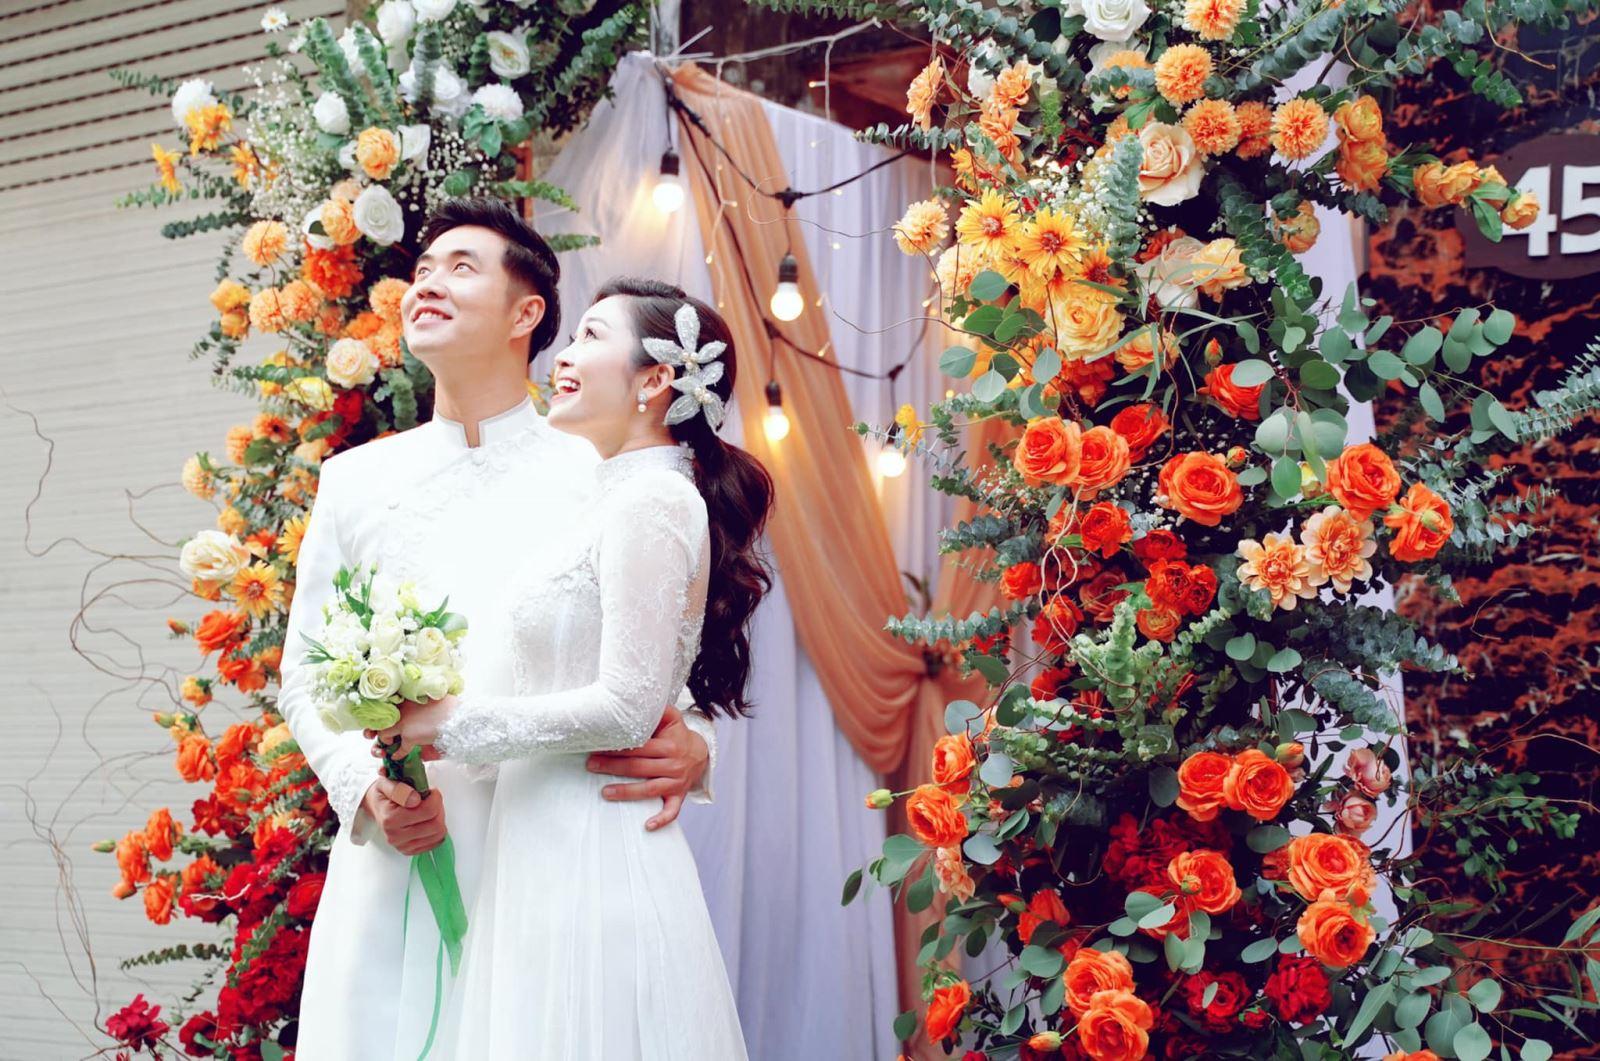 Chuyện tình MC VTV, người có nụ cười đẹp nhất VTV kết hôn, MC Nguyễn Thùy Linh, MC Thùy Linh VTV, MC Thùy Linh có nụ cười đẹp nhất VTV, MC Thùy Linh và chồng kém tuổi